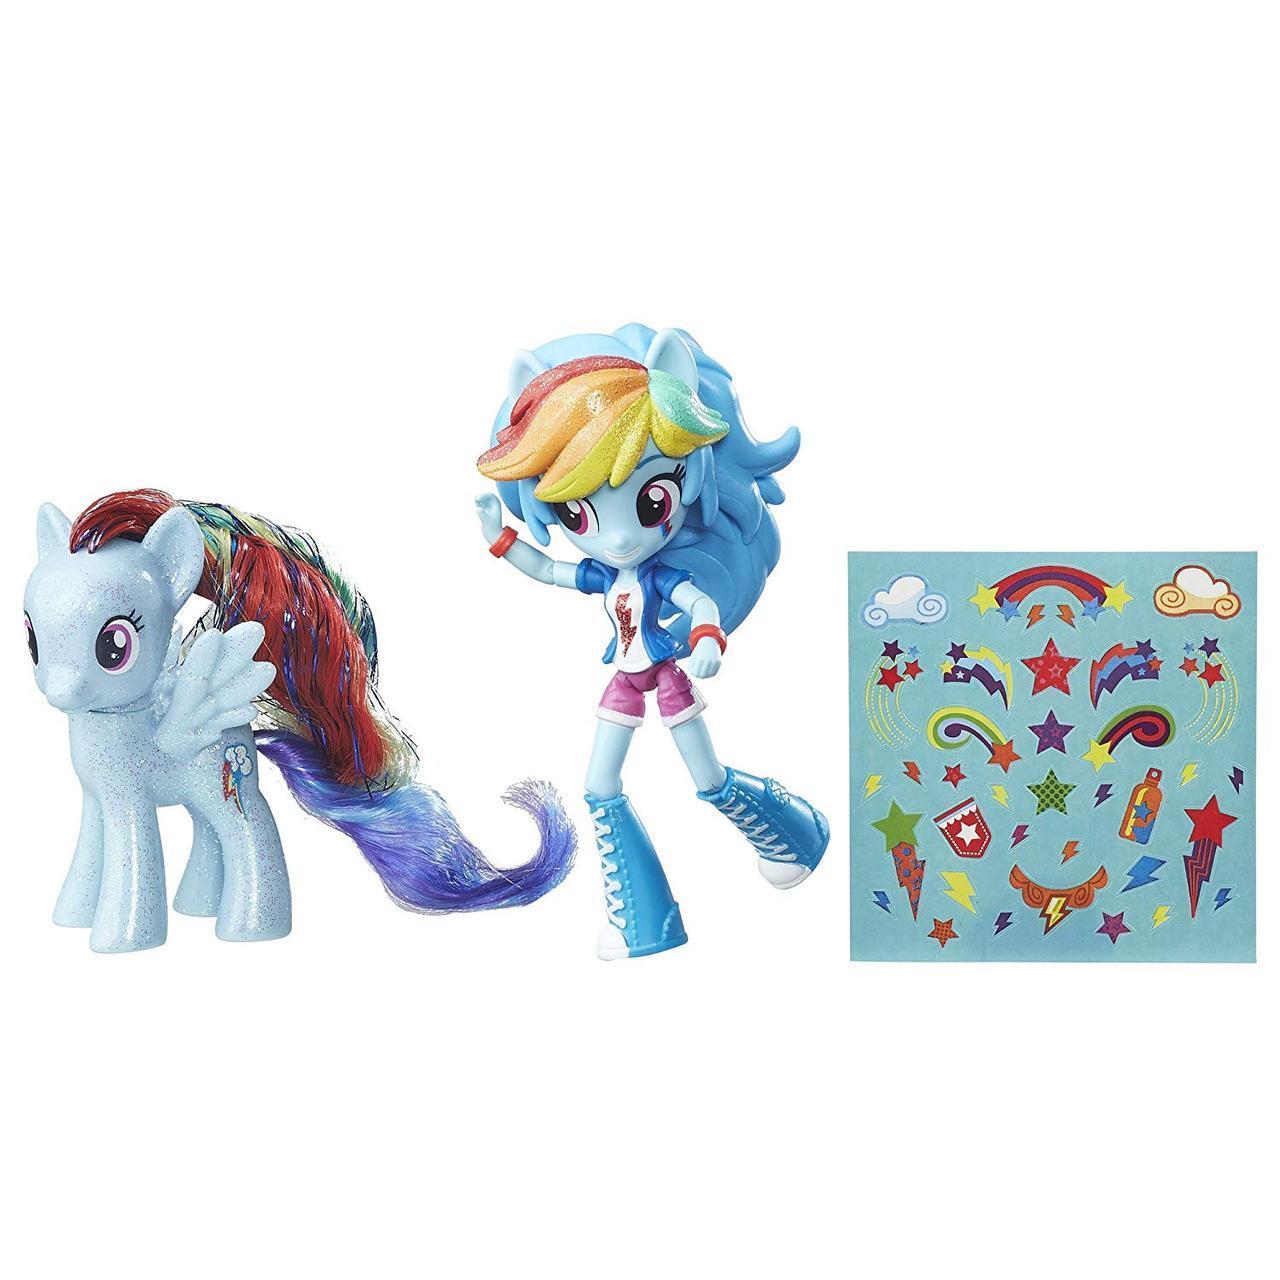 Набор Май лител пони Рейнбоу Деши блестящая пони My Little Pony Rainbow Dash & Glitter Pony Element Friendship